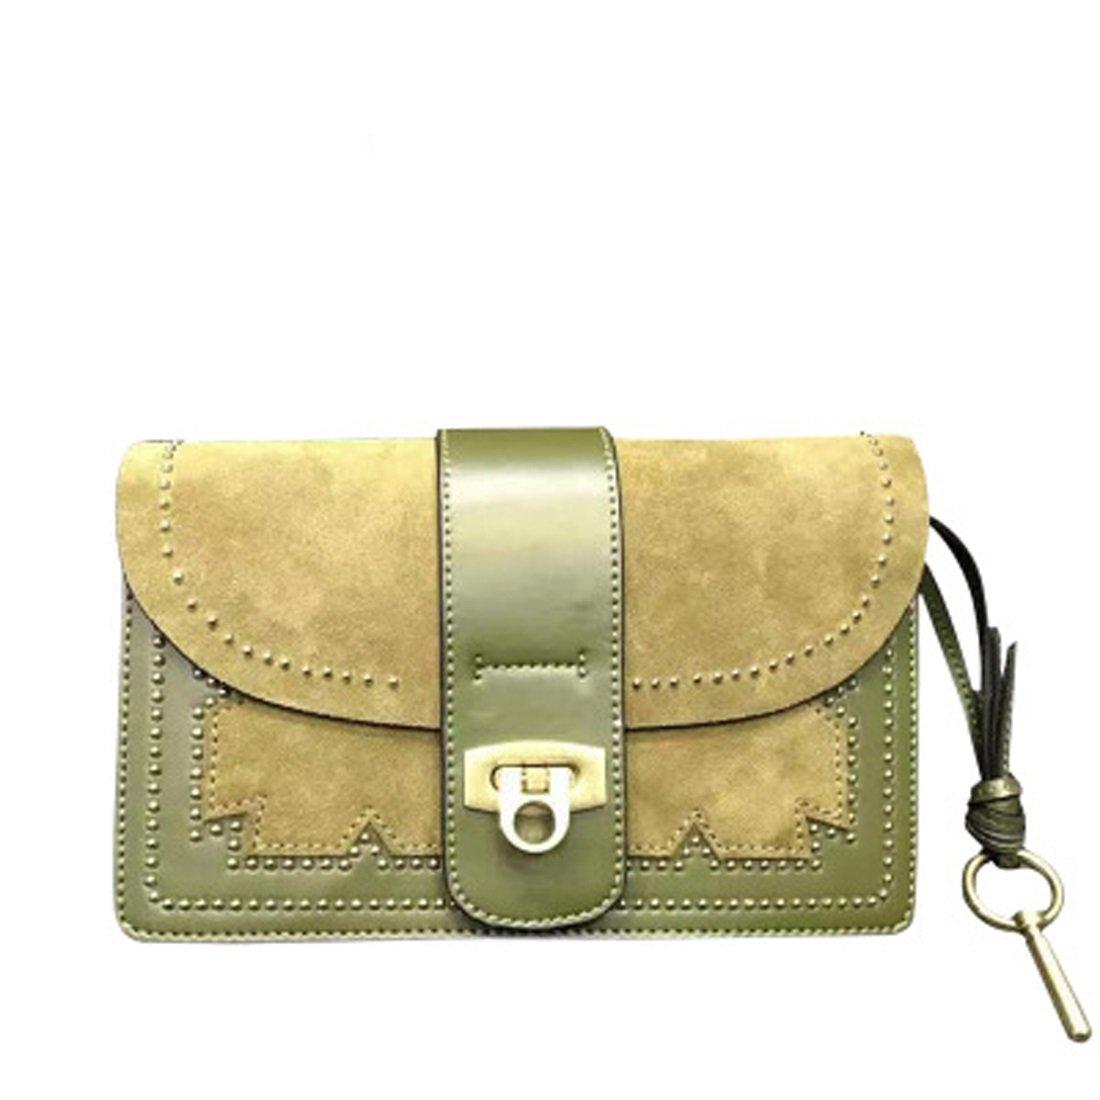 Women's Square Rivet Mini Bag Handbag Shoulder Bag (Color : 1)